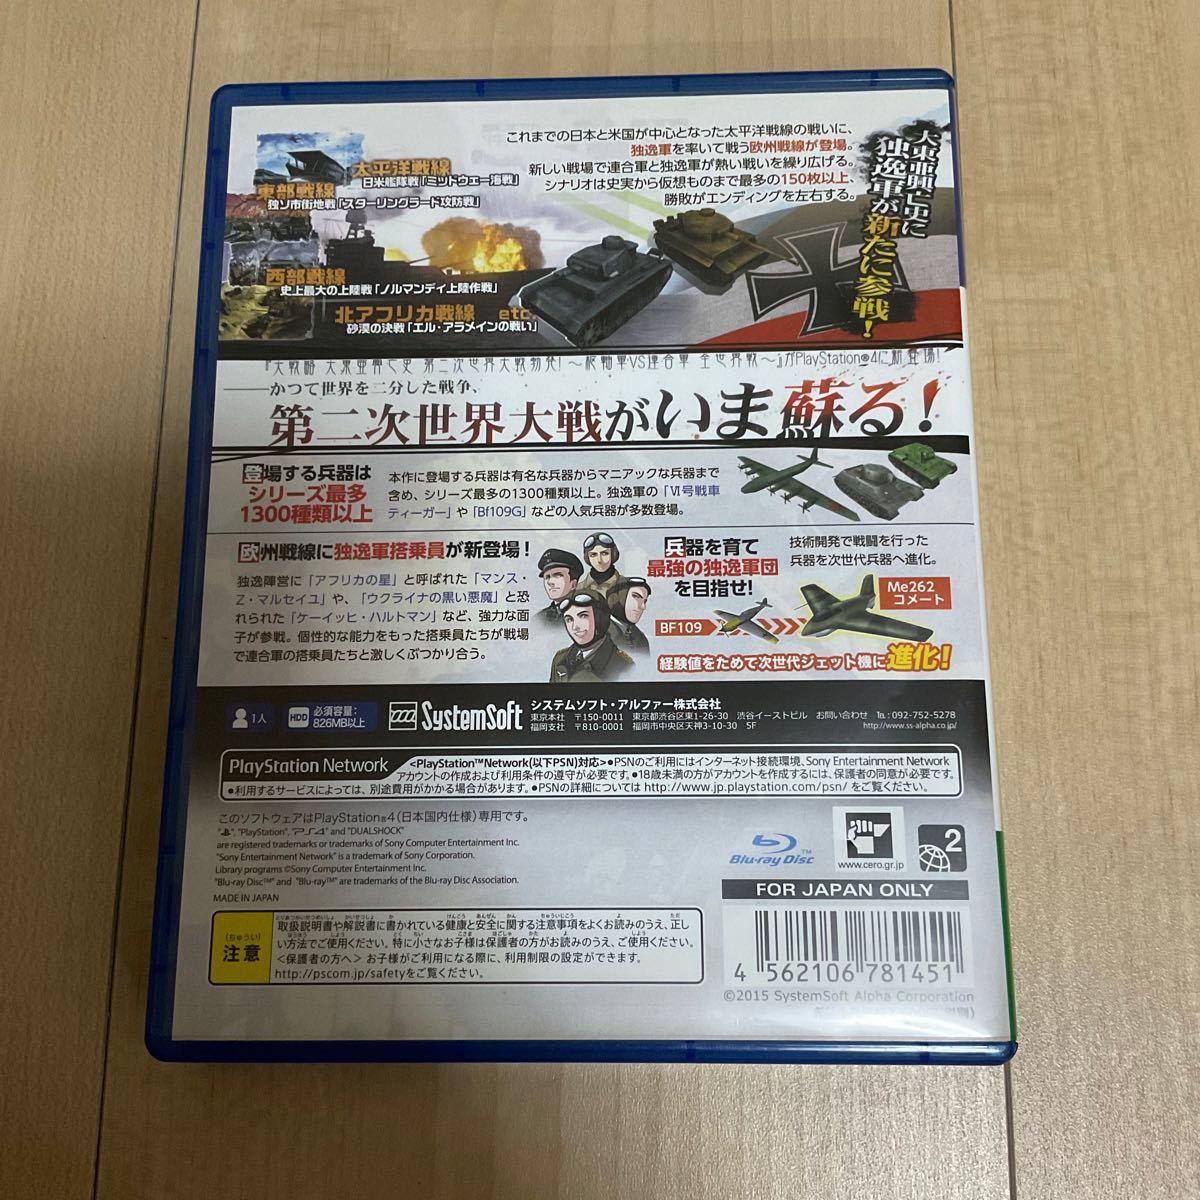 プレイステーション4 大戦略 大東亜興亡史3 第二次世界大戦 PS4